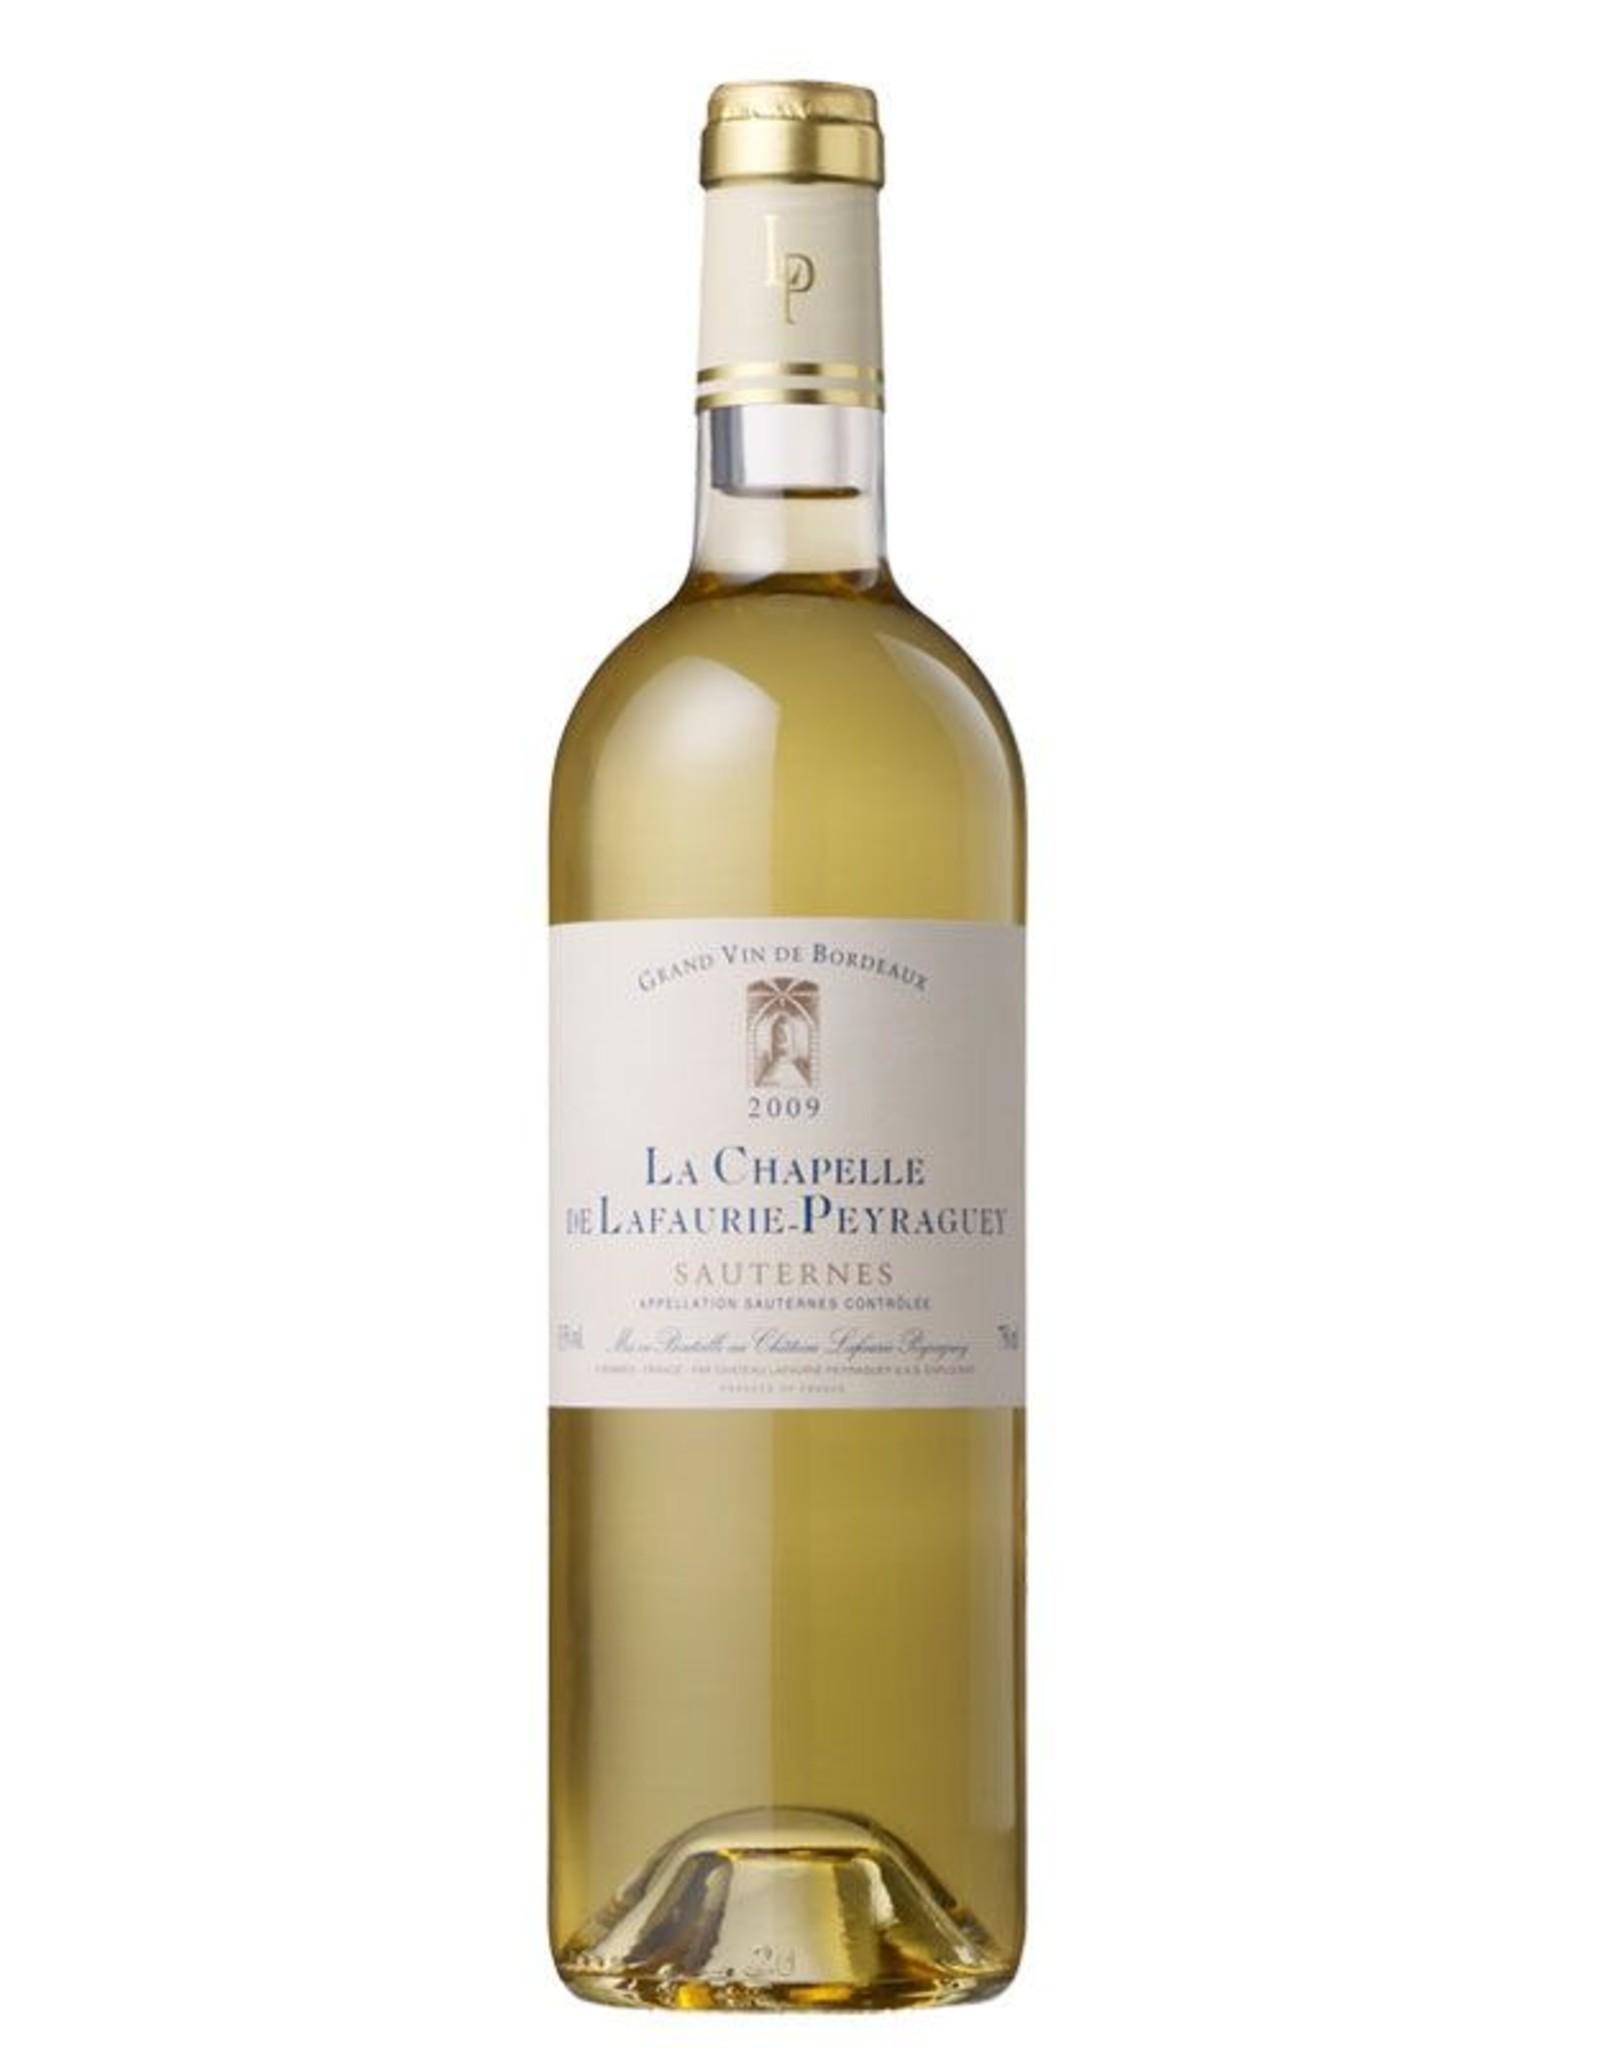 Desert Wine 2012, La Chapelle De Lafaurie-Peyraguey, Semillon-Sauvignon Blend, Sauternes, Bordeaux, France, 13% Alc, CTnr